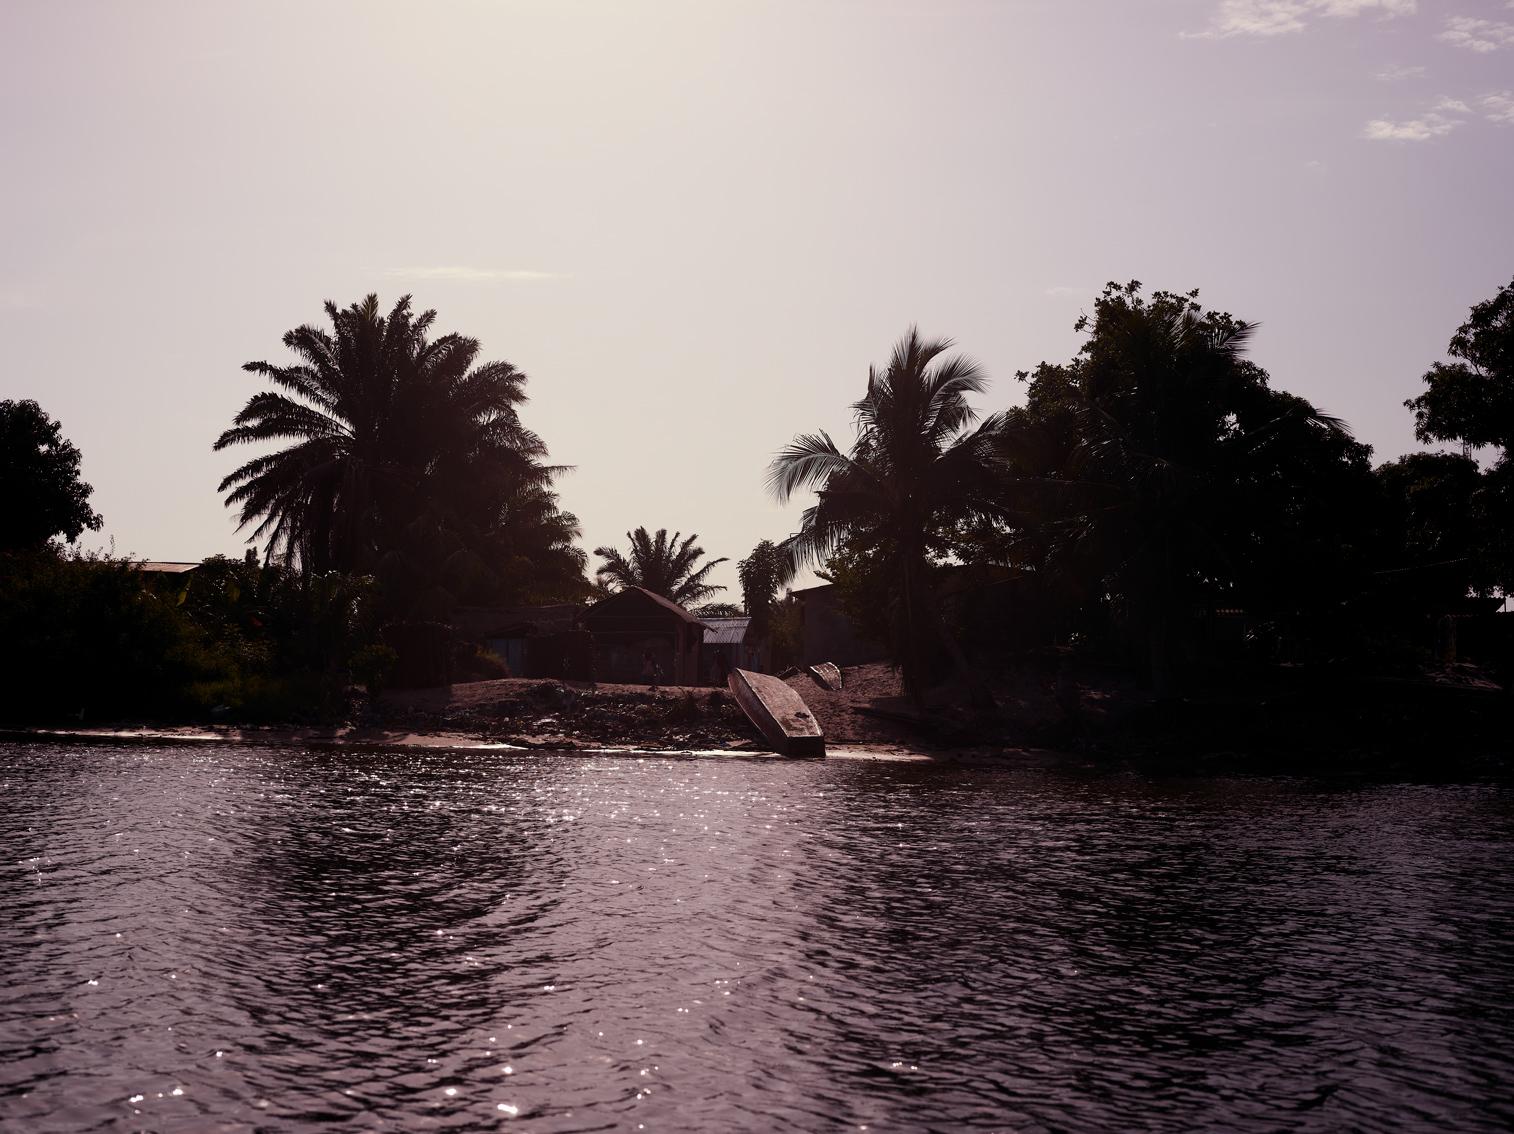 JF_VERGANTI_Côte-d'Ivoire-73